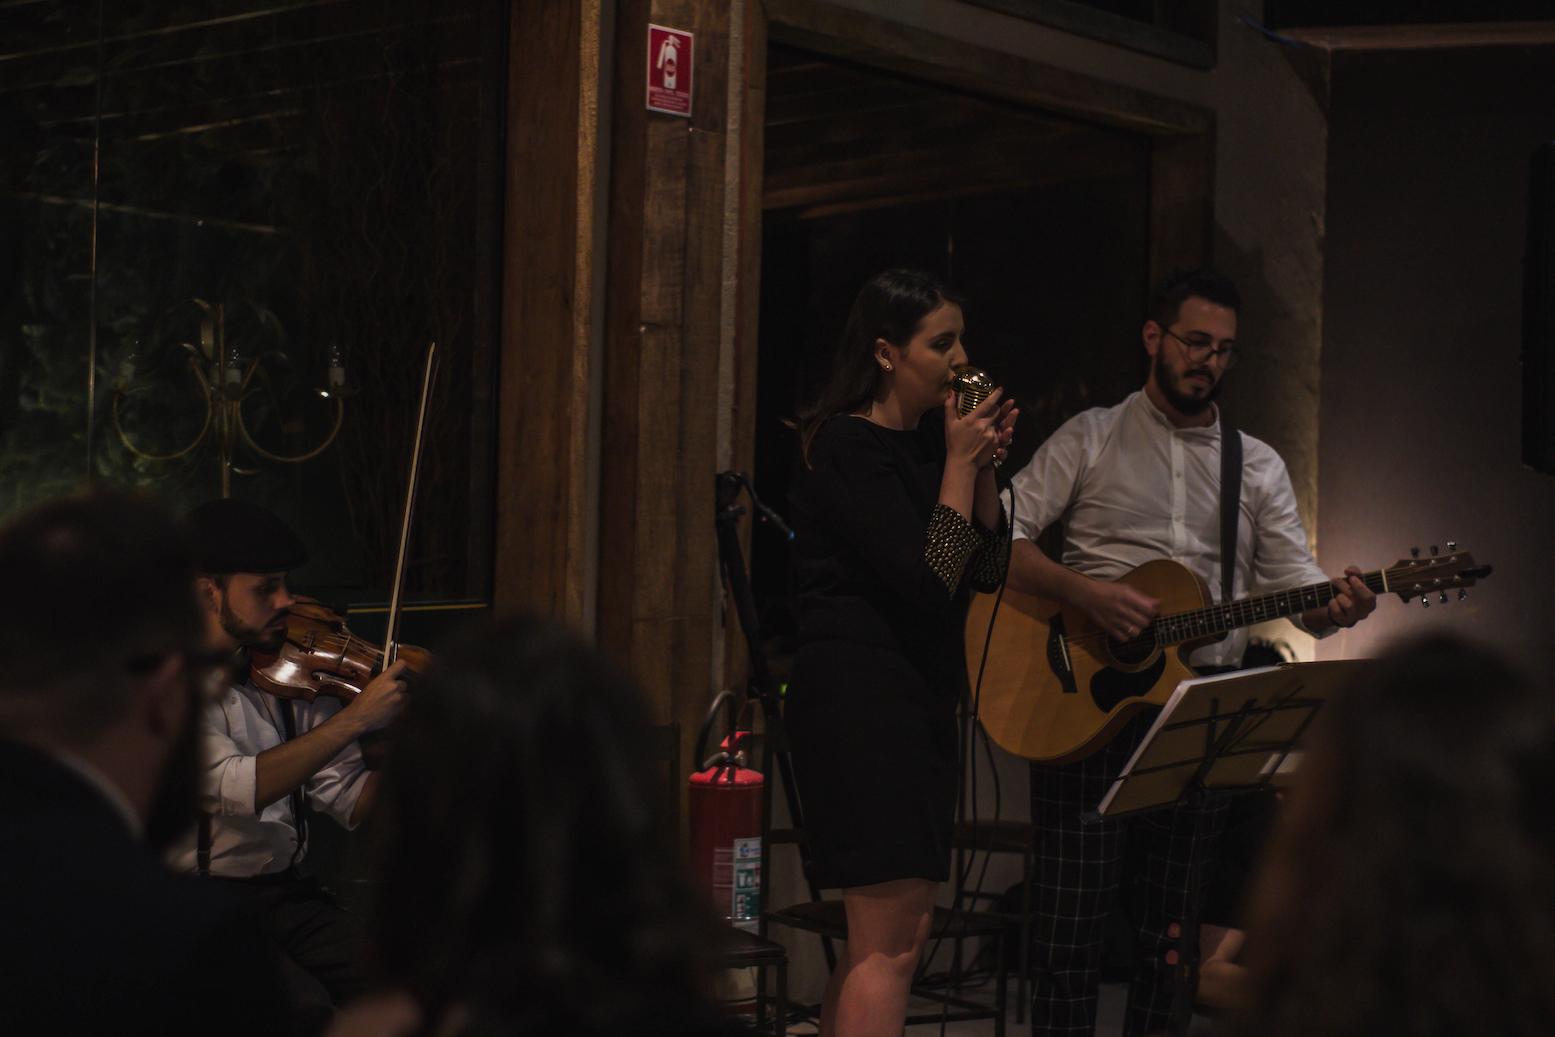 Casamento Nathalia e Rafael Voz Violão e Violino 03